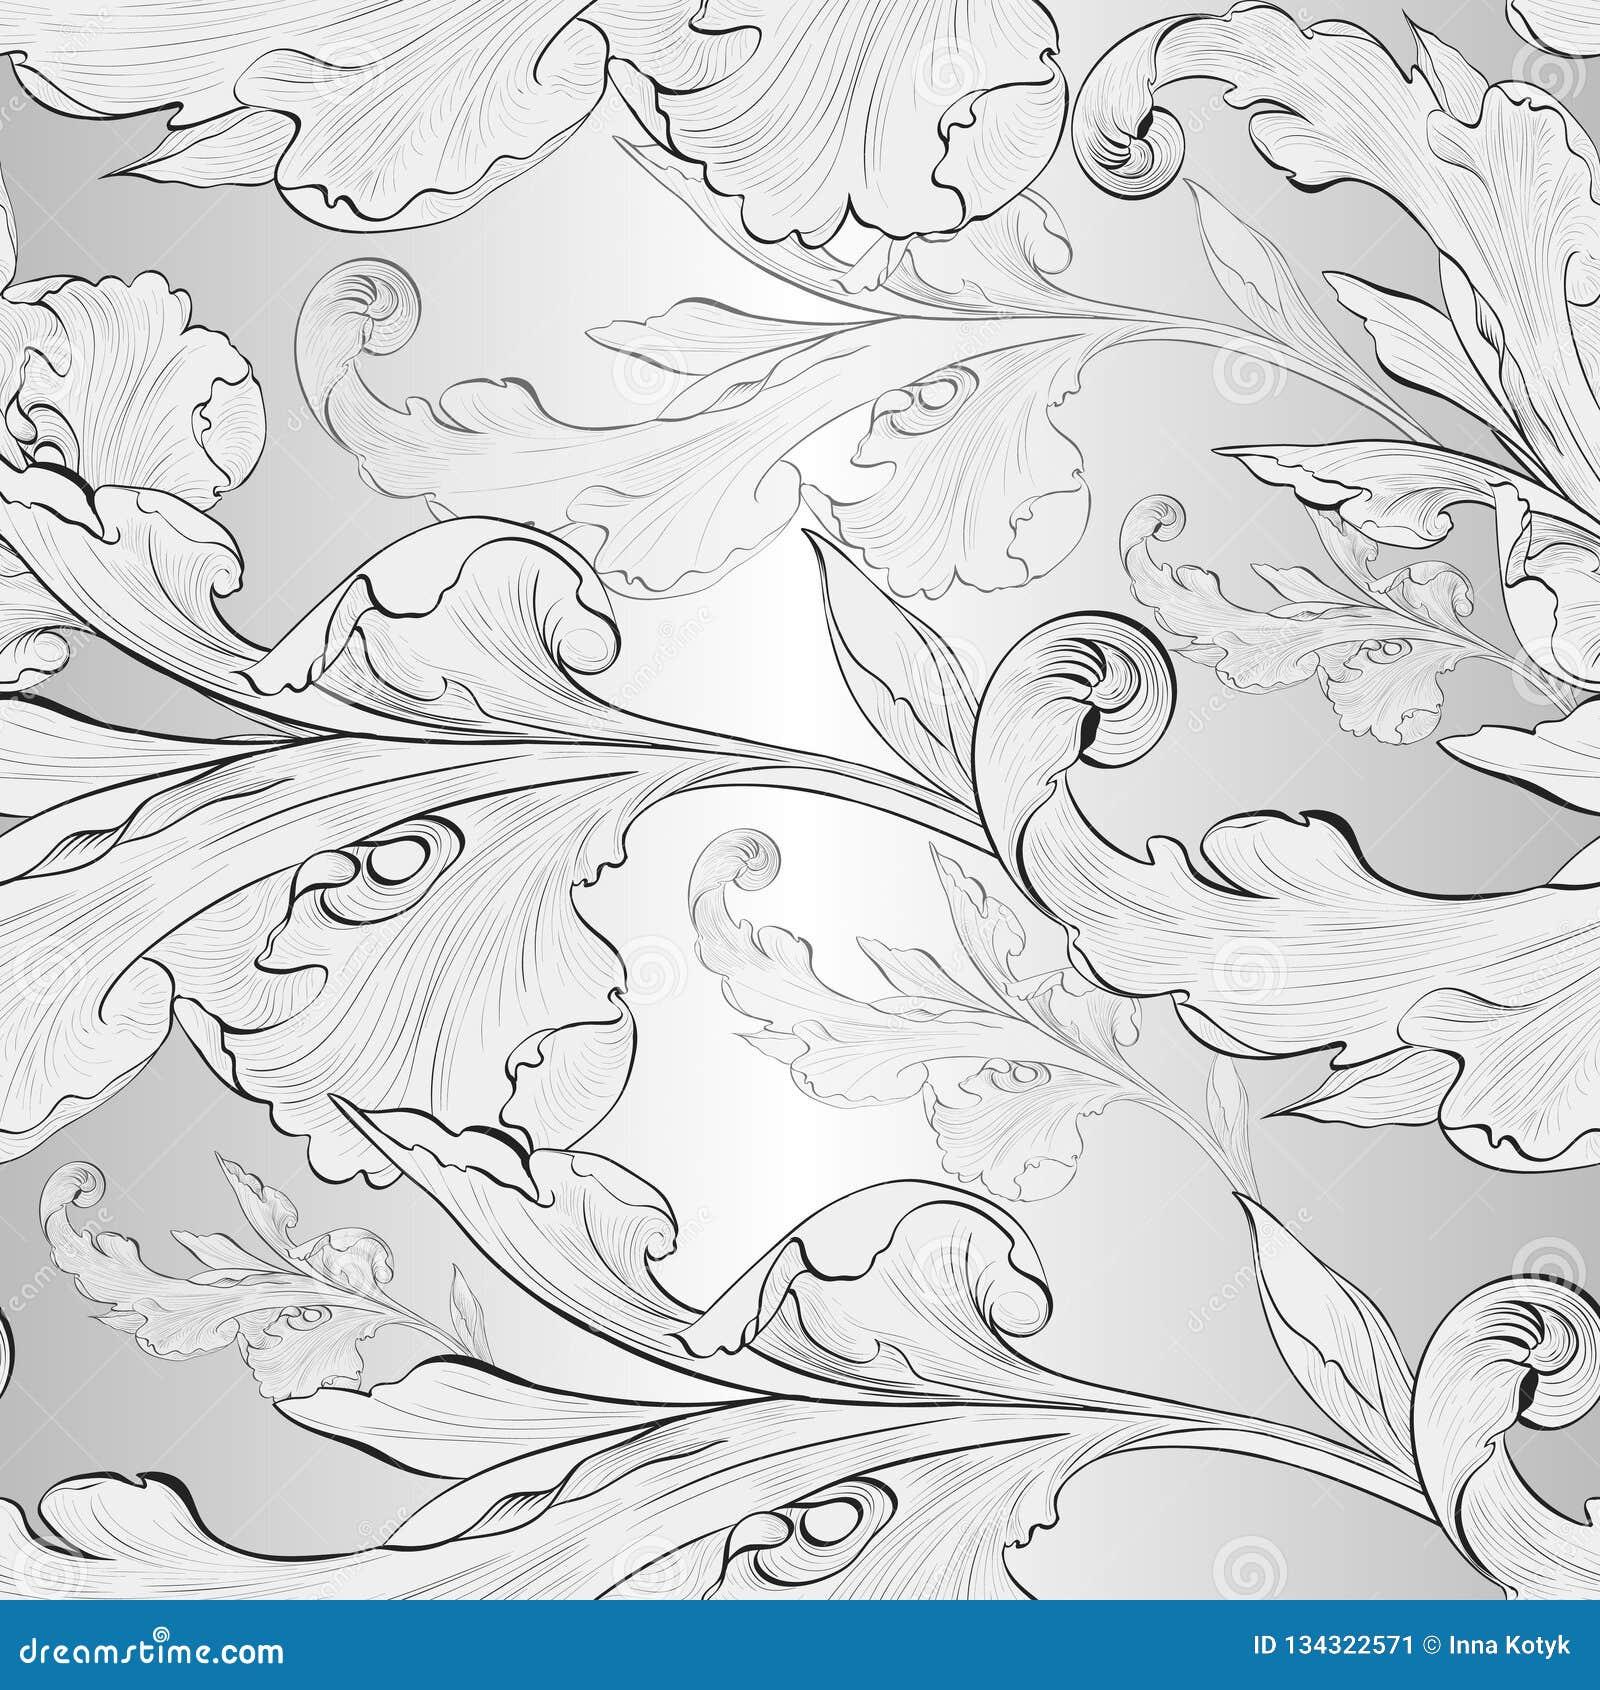 Vetor Fundo sem emenda Um ramo é um elemento da planta wallpaper Composição decorativa Use materiais impressos, sinais, cartazes